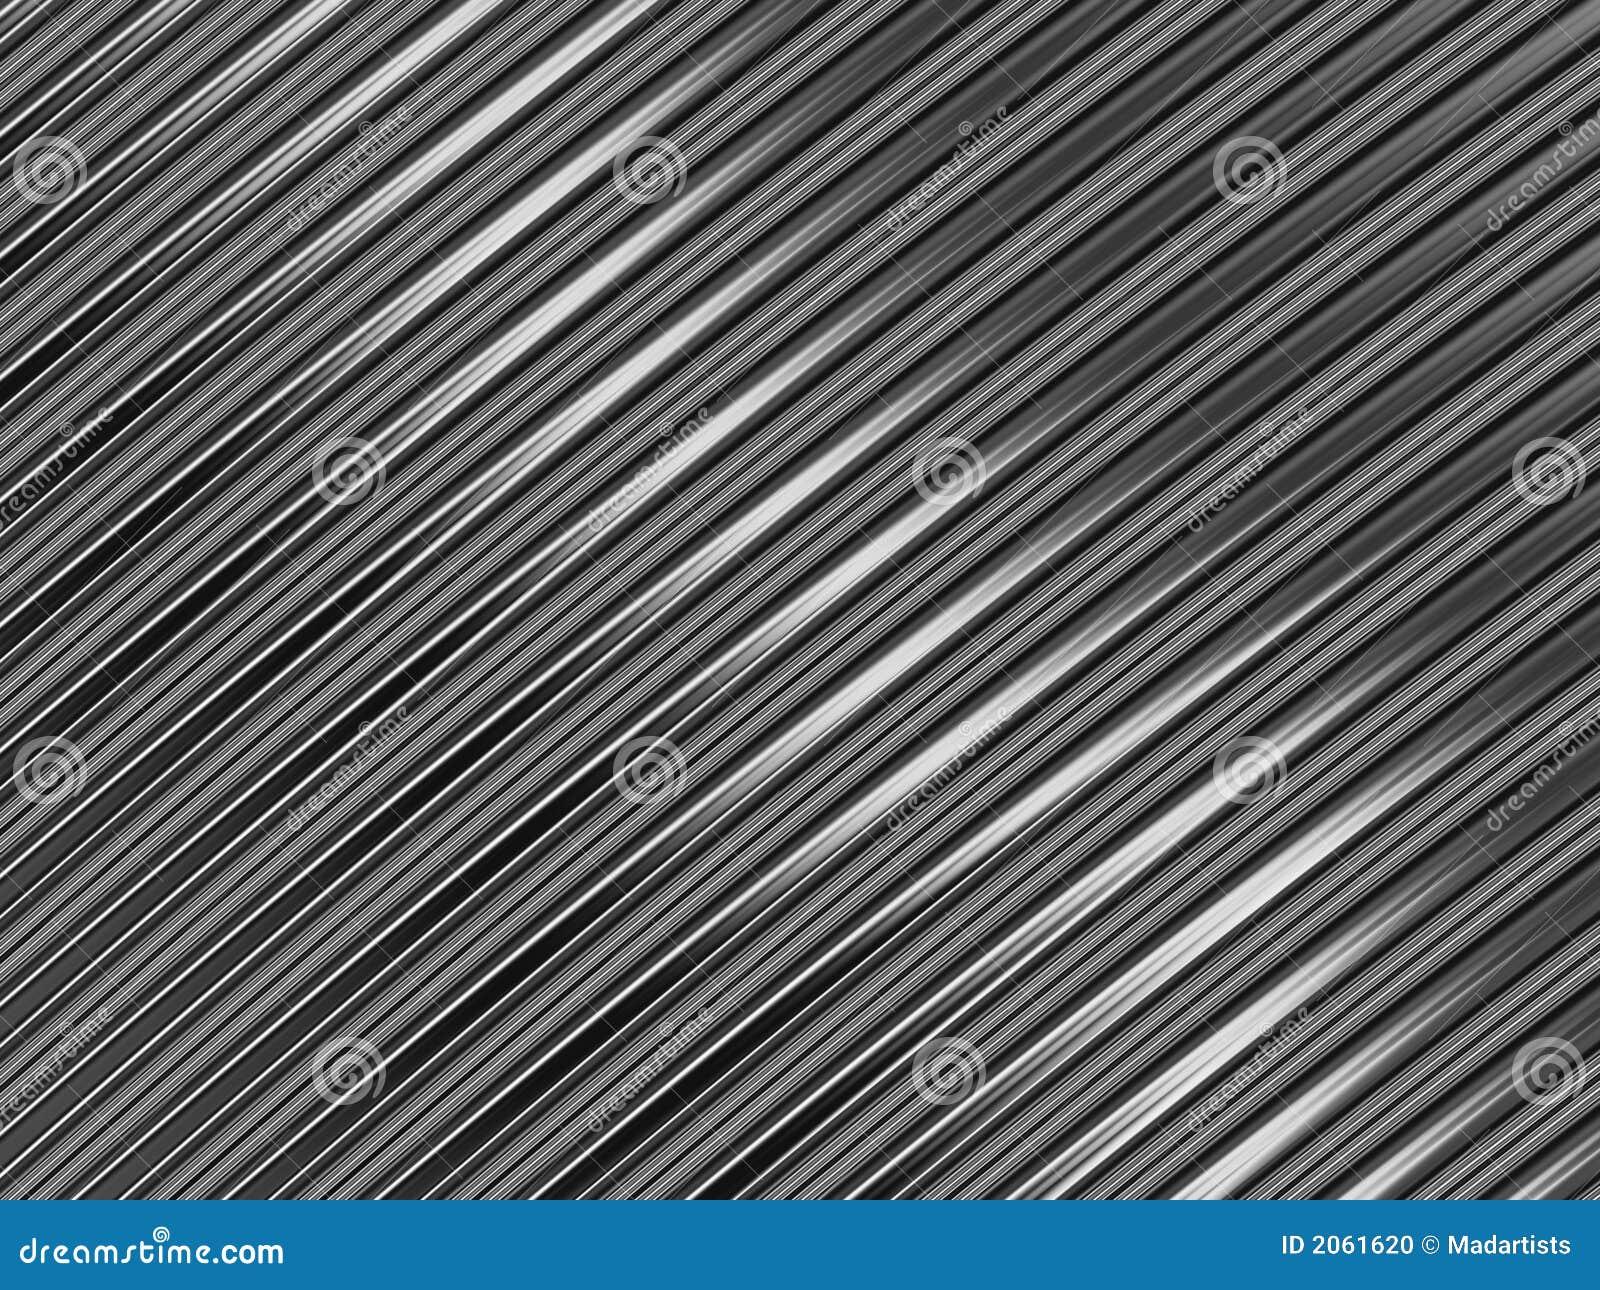 Metallisches Beschaffenheits-Silber-Metall